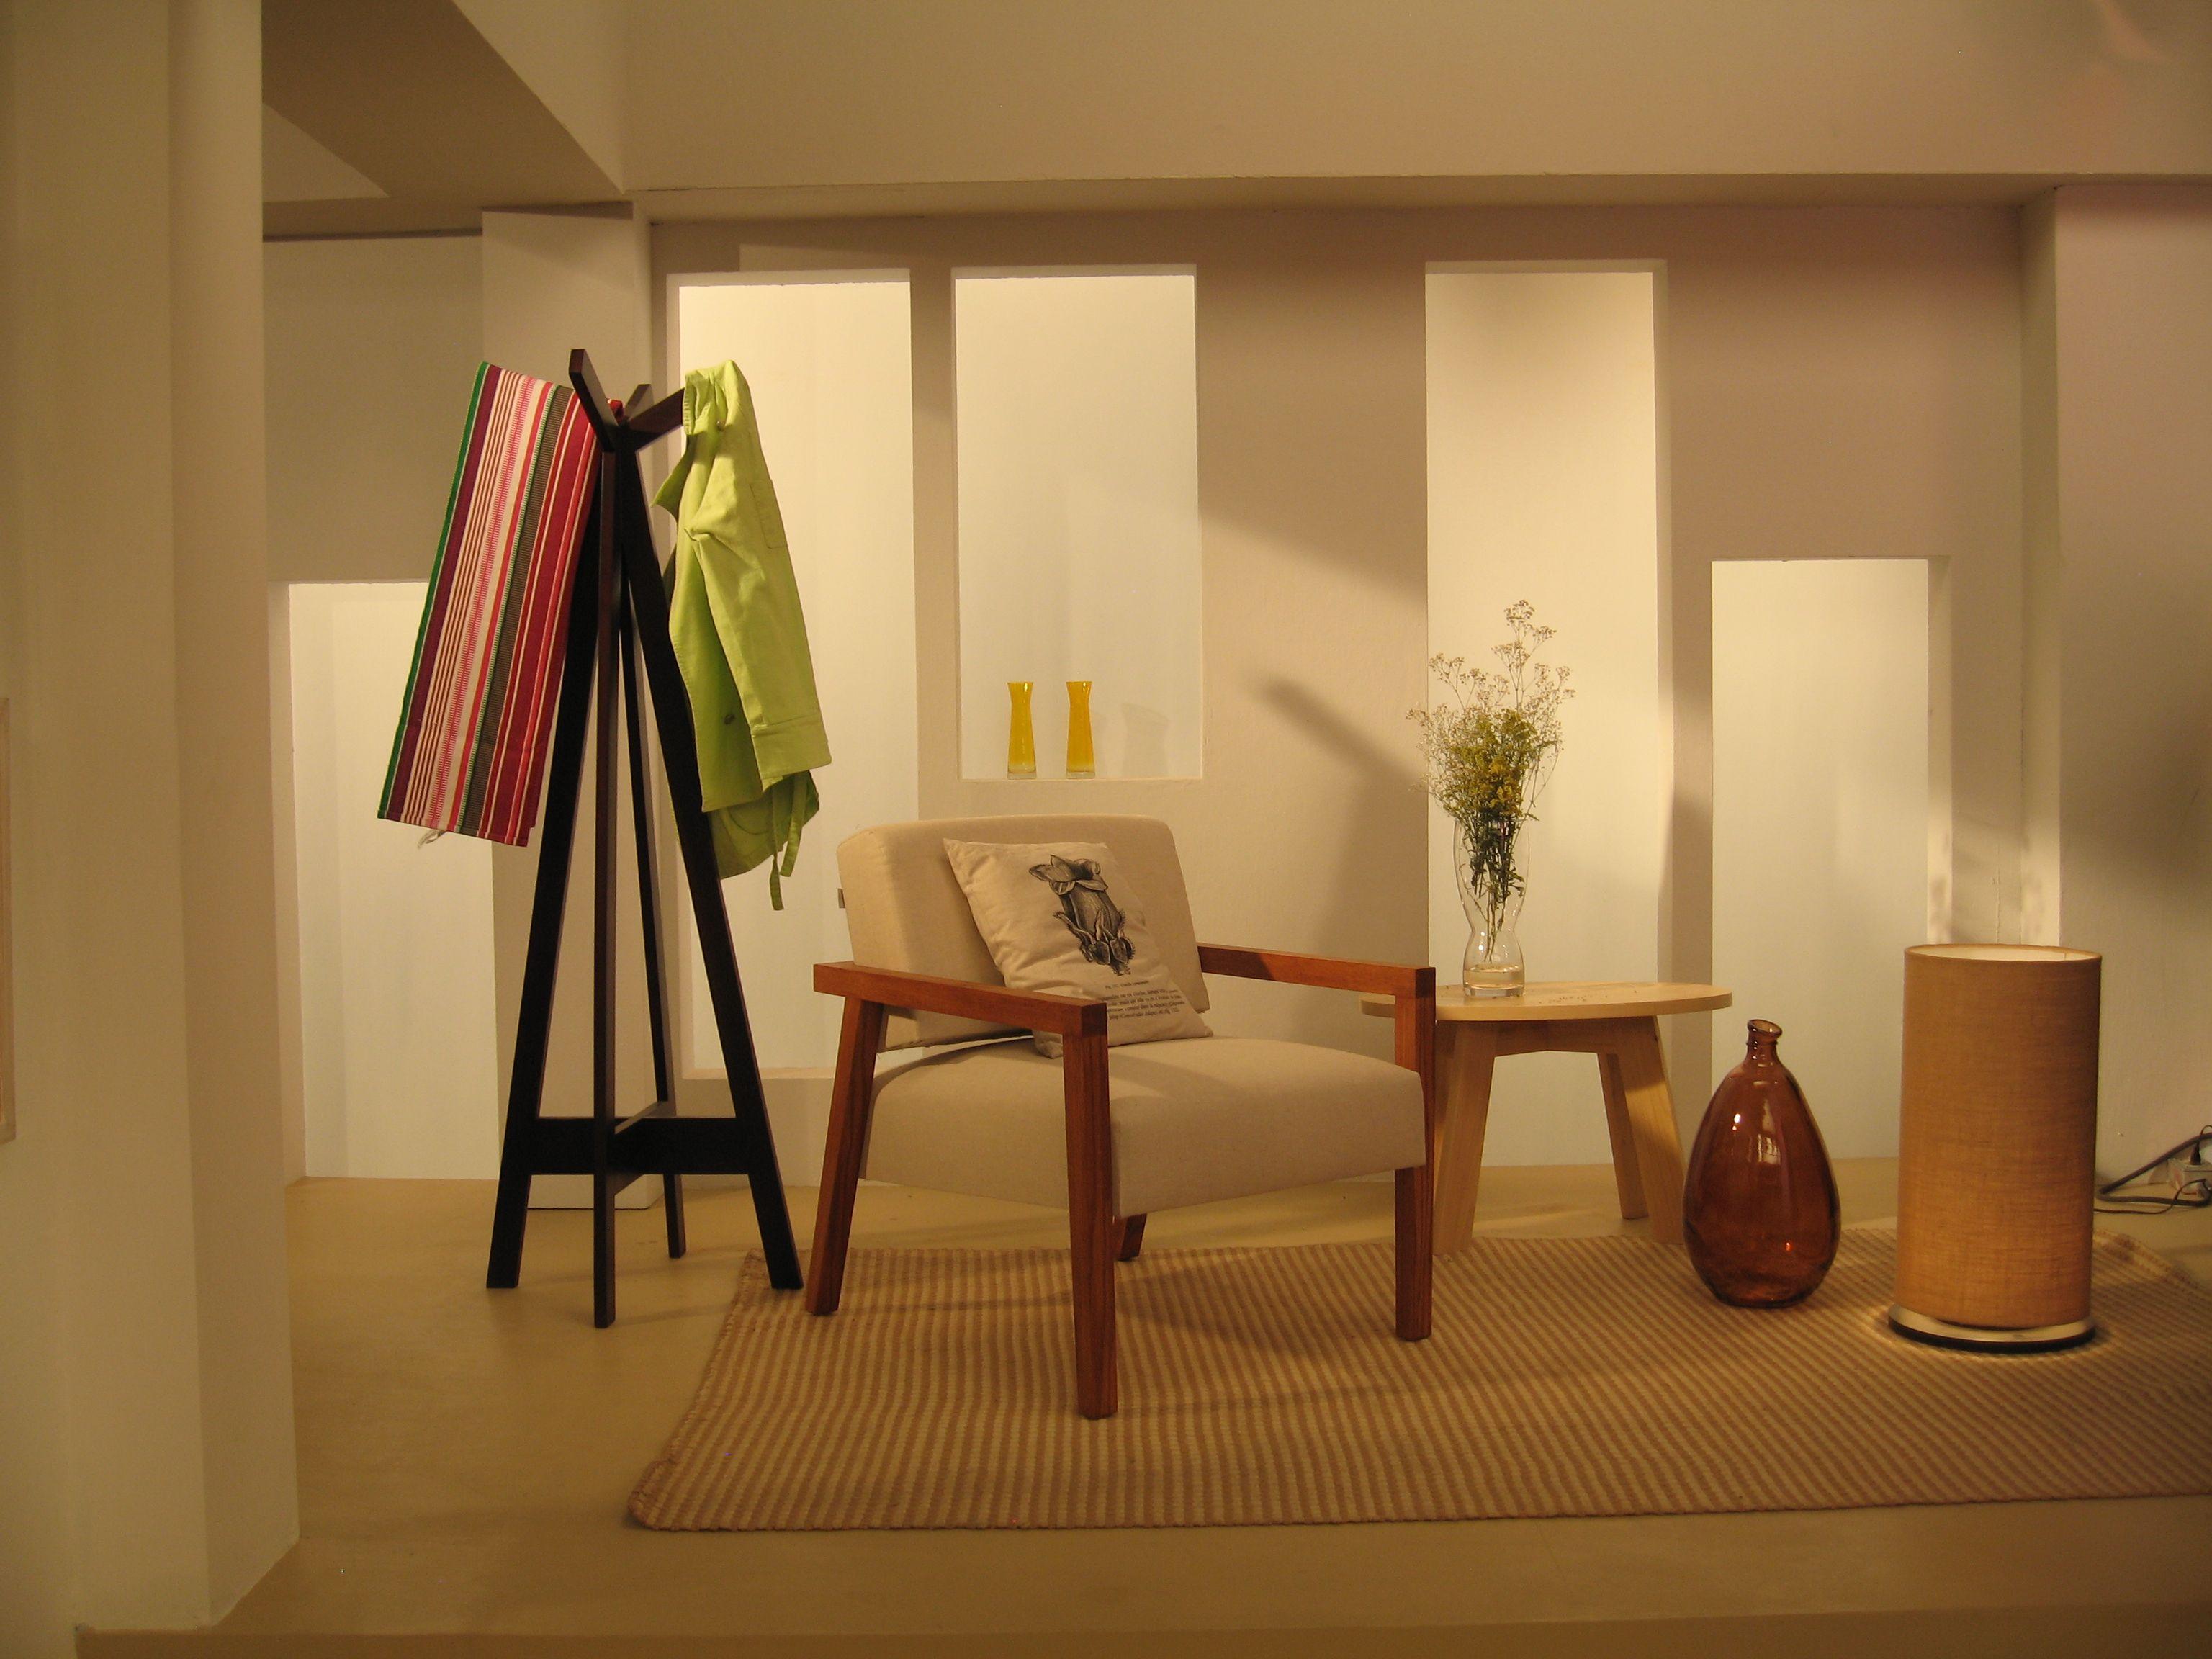 #sala #sofa #lampara #perchero